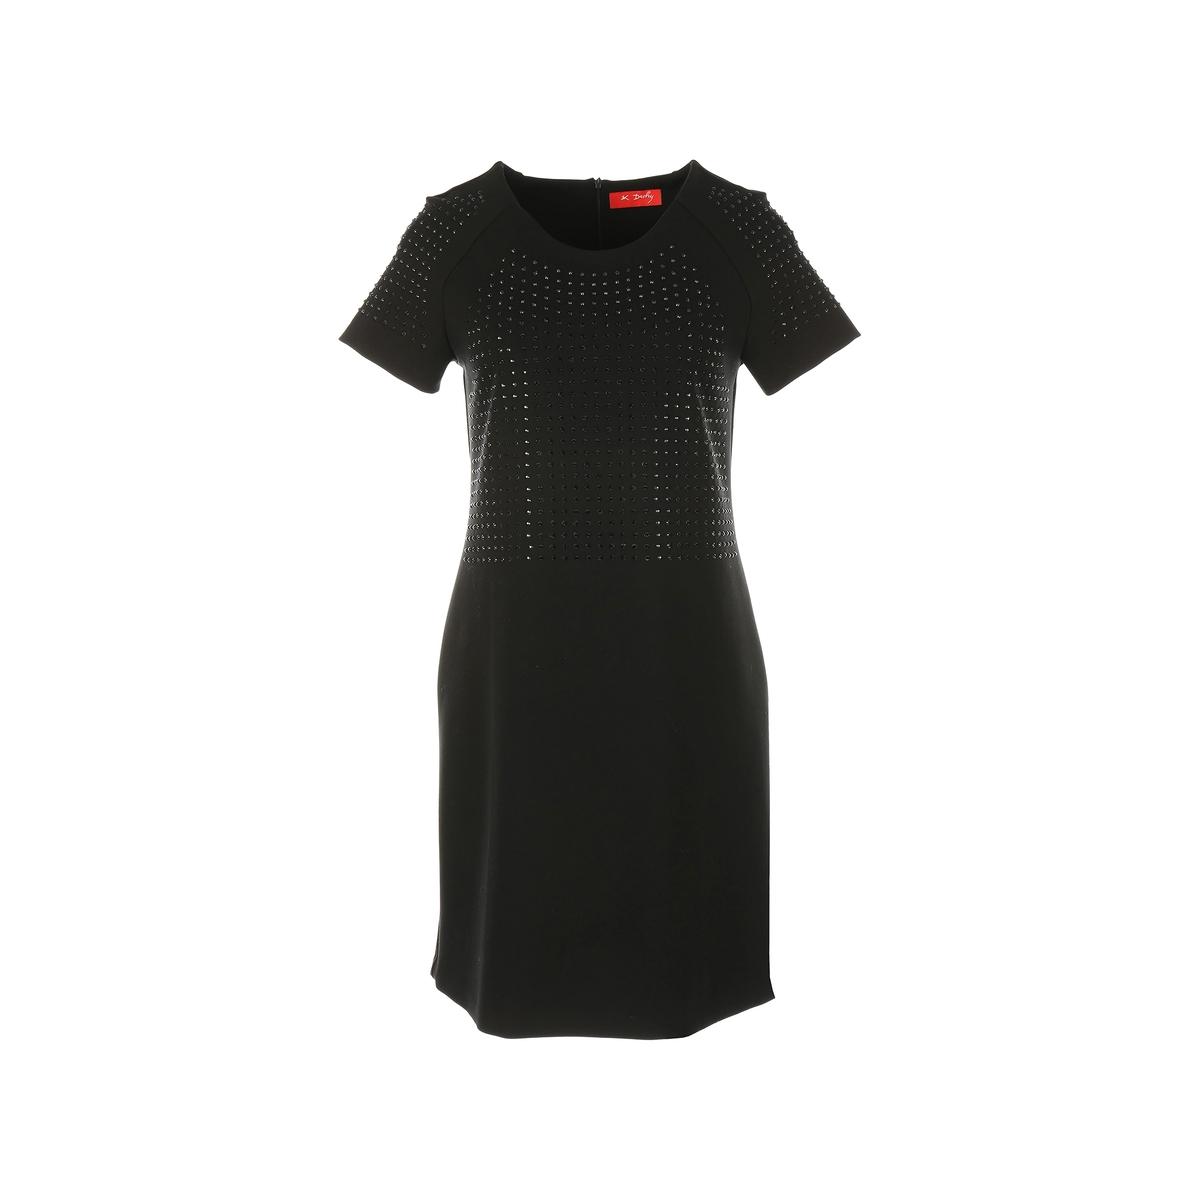 Платье с короткими рукавами и стразамиОписание:Детали •  Форма : прямая •  Укороченная модель •  Короткие рукава    •  Круглый вырезСостав и уход •  35% вискозы, 5% эластана, 60% полиэстера •  Следуйте рекомендациям по уходу, указанным на этикетке изделия<br><br>Цвет: черный<br>Размер: L.M.XL